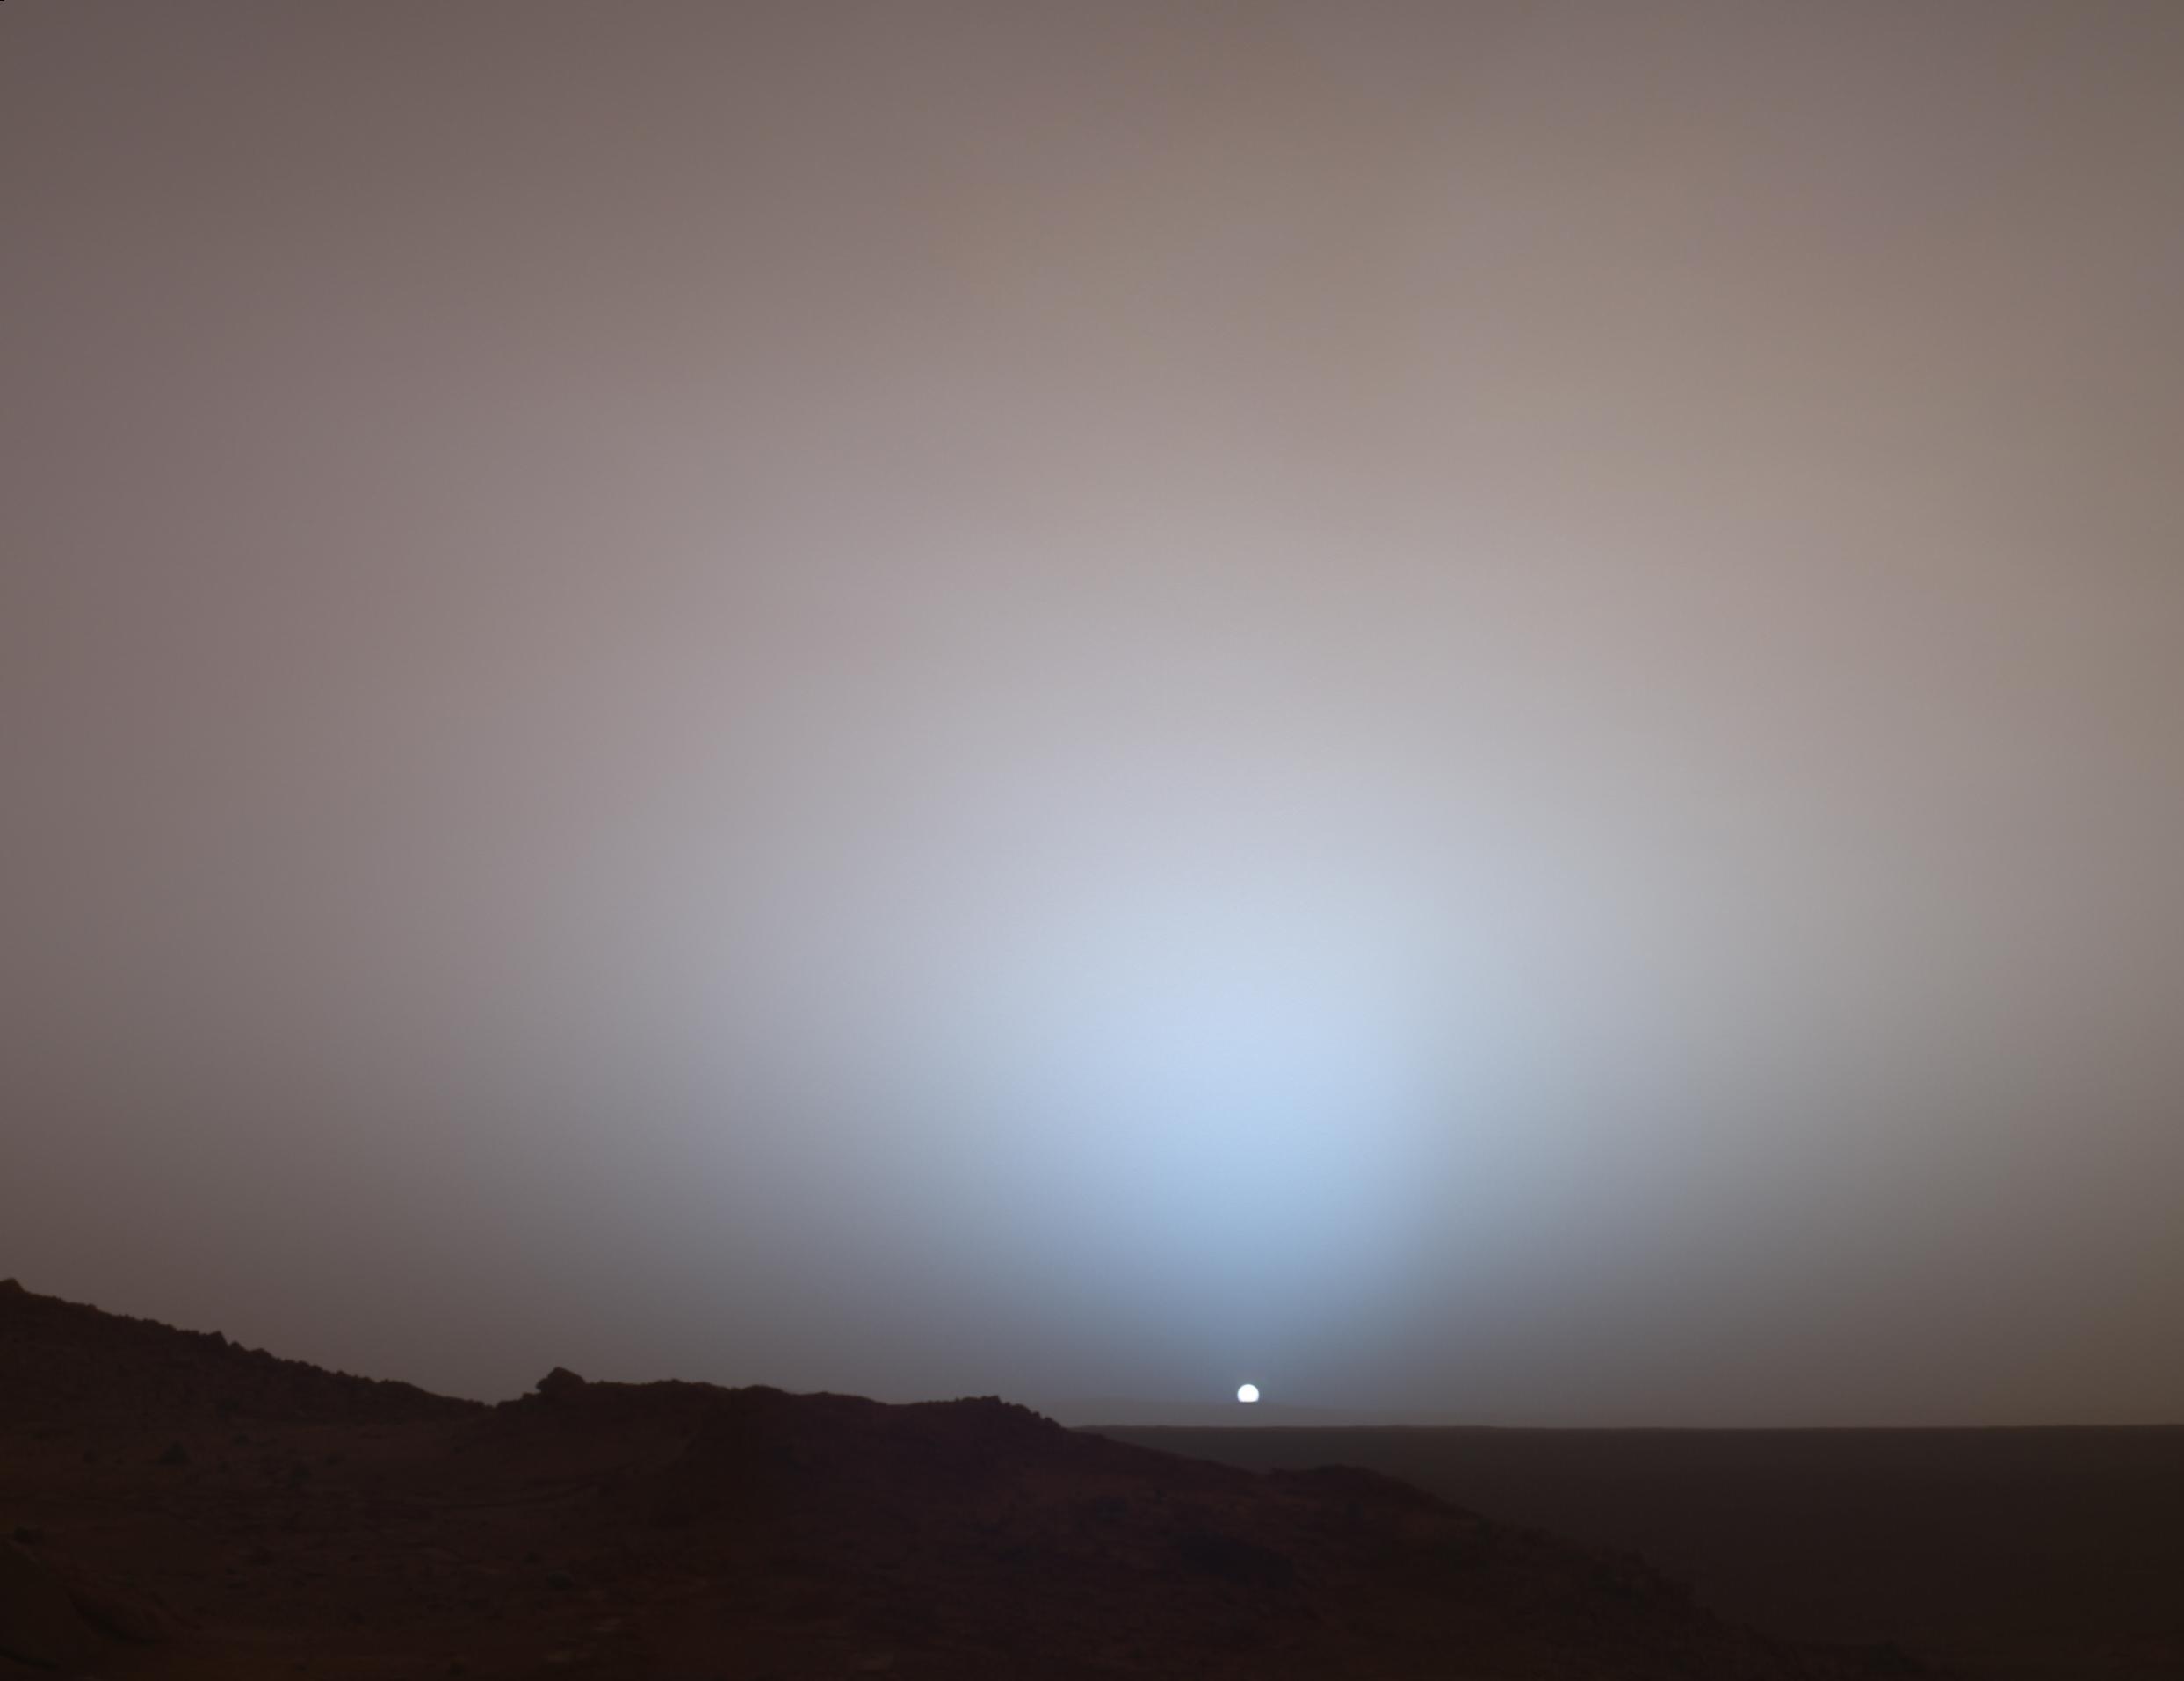 So sieht der Sonnenuntergang übrigens auf dem Mars aus (Raumsonde Spirit), Credits: NASA/JPL/Texas A&M/Cornell